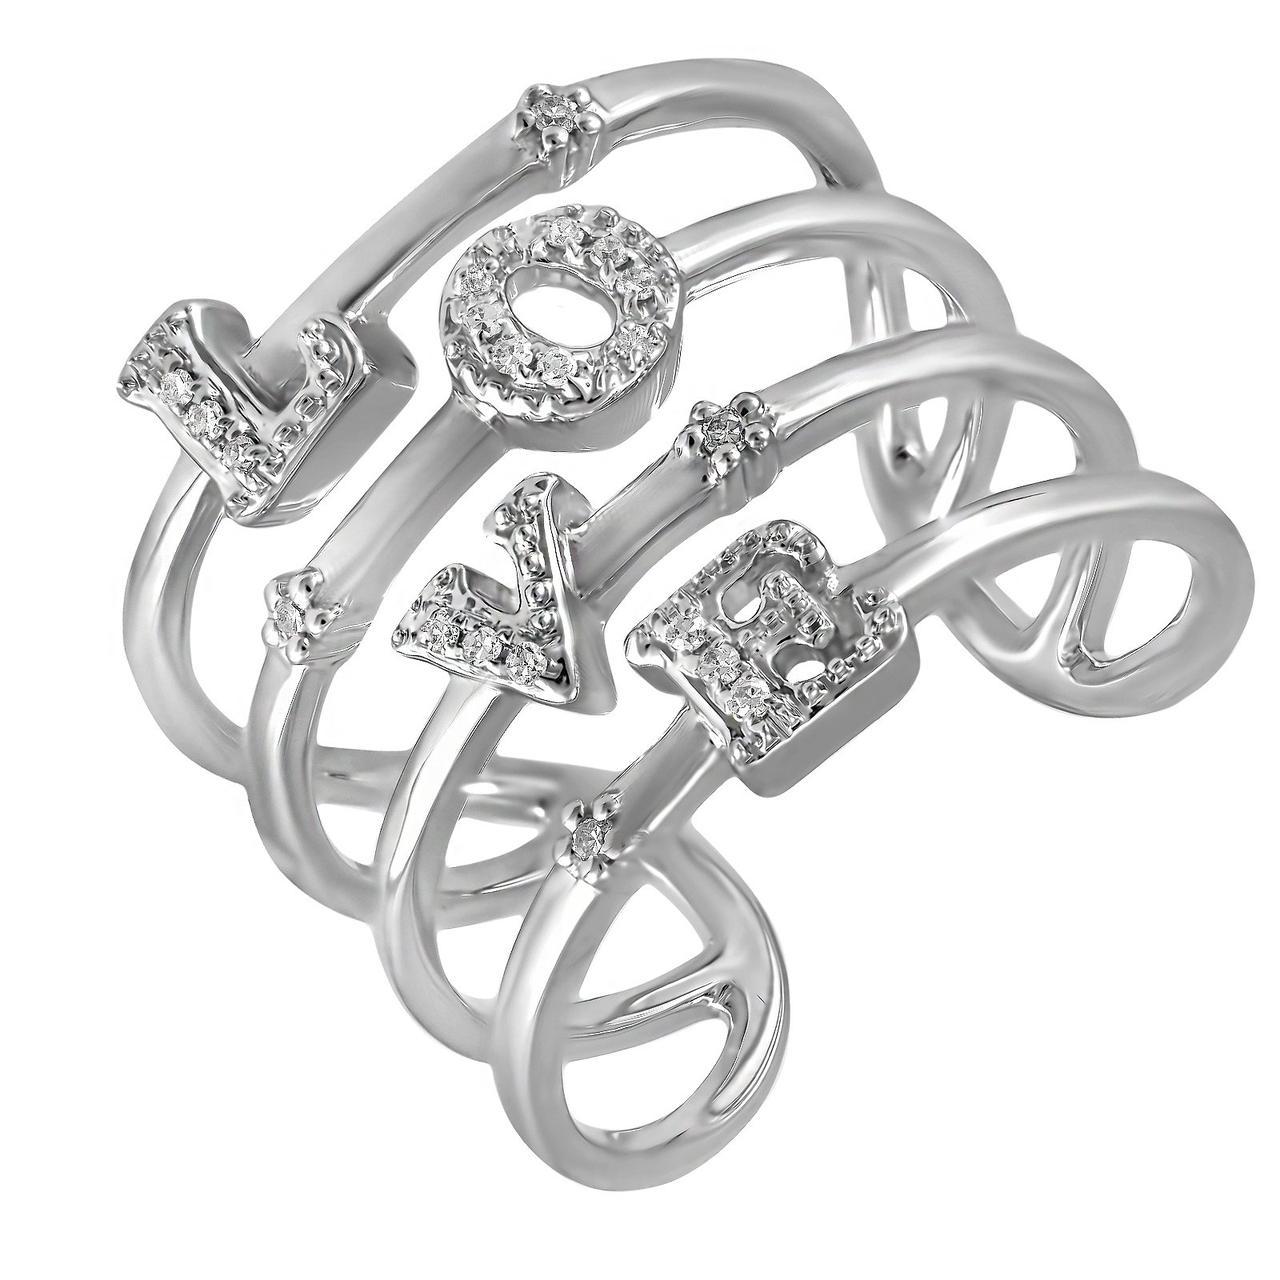 Золотое кольцо с бриллиантами, размер 16.5 (201356)